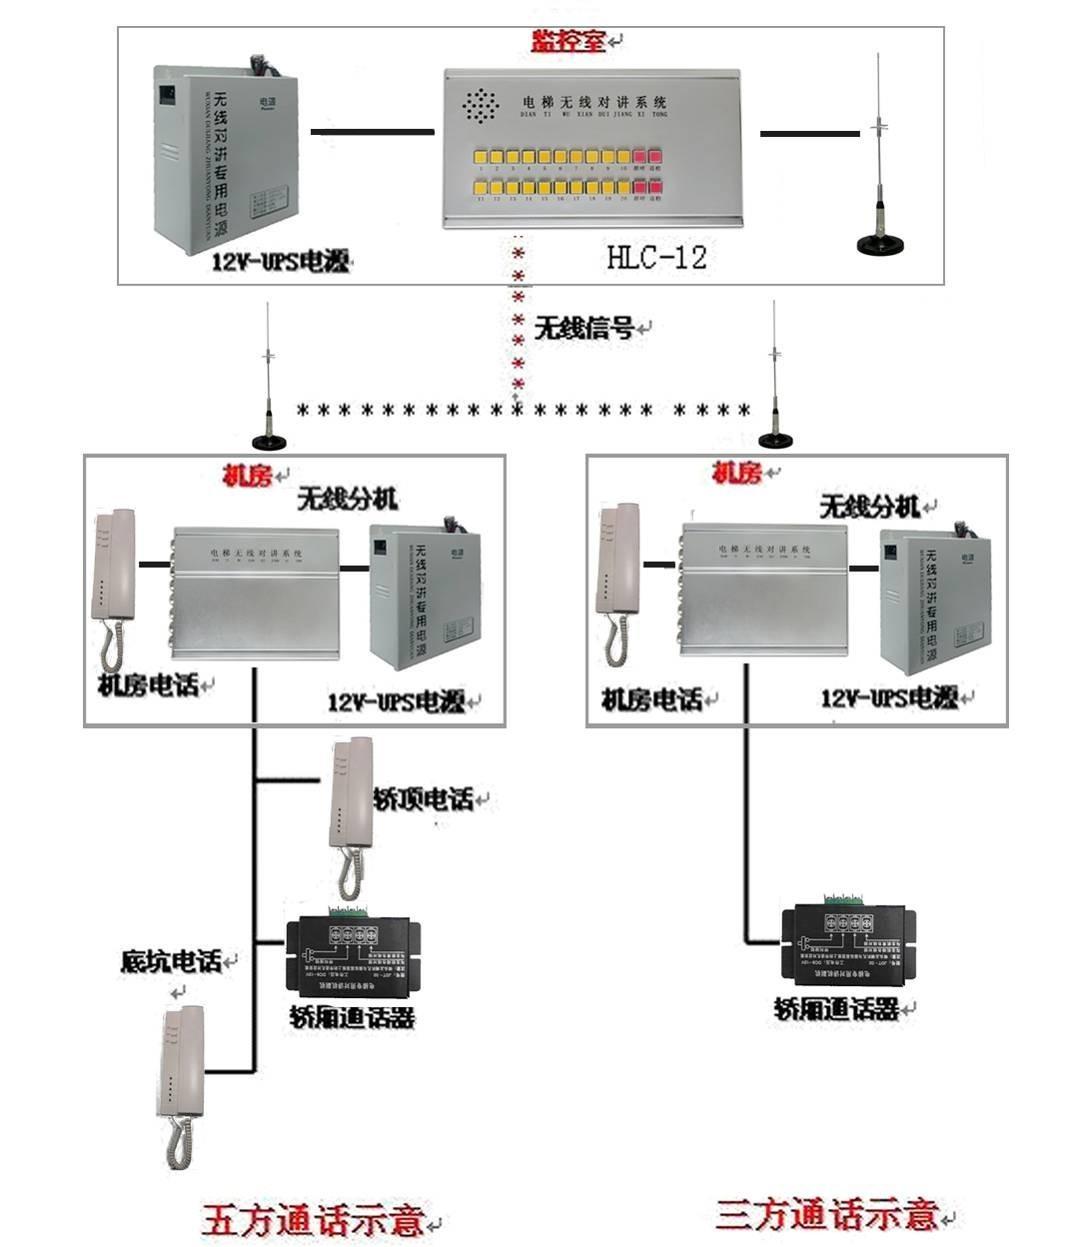 1.系统简介 数字无线电梯对讲呼叫系统是推出的第五代产品,是国内无线电梯对讲厂家中第一家拥有数字无线电梯对讲的厂家,采用数字无线传输模式,摒弃原有模拟FM调频的传输方式,具有稳定性更强,通话音质电信级,其单一系统最多可以控制3999部电梯进行对讲通话,无需布线,减少了日常使用的维护成本,为管理中心提供了一个全面对讲呼叫的解决方案,本系统采用最先进的数字选呼技术,液晶显示,能具体到每一部电梯,值班室全面控制。 2.